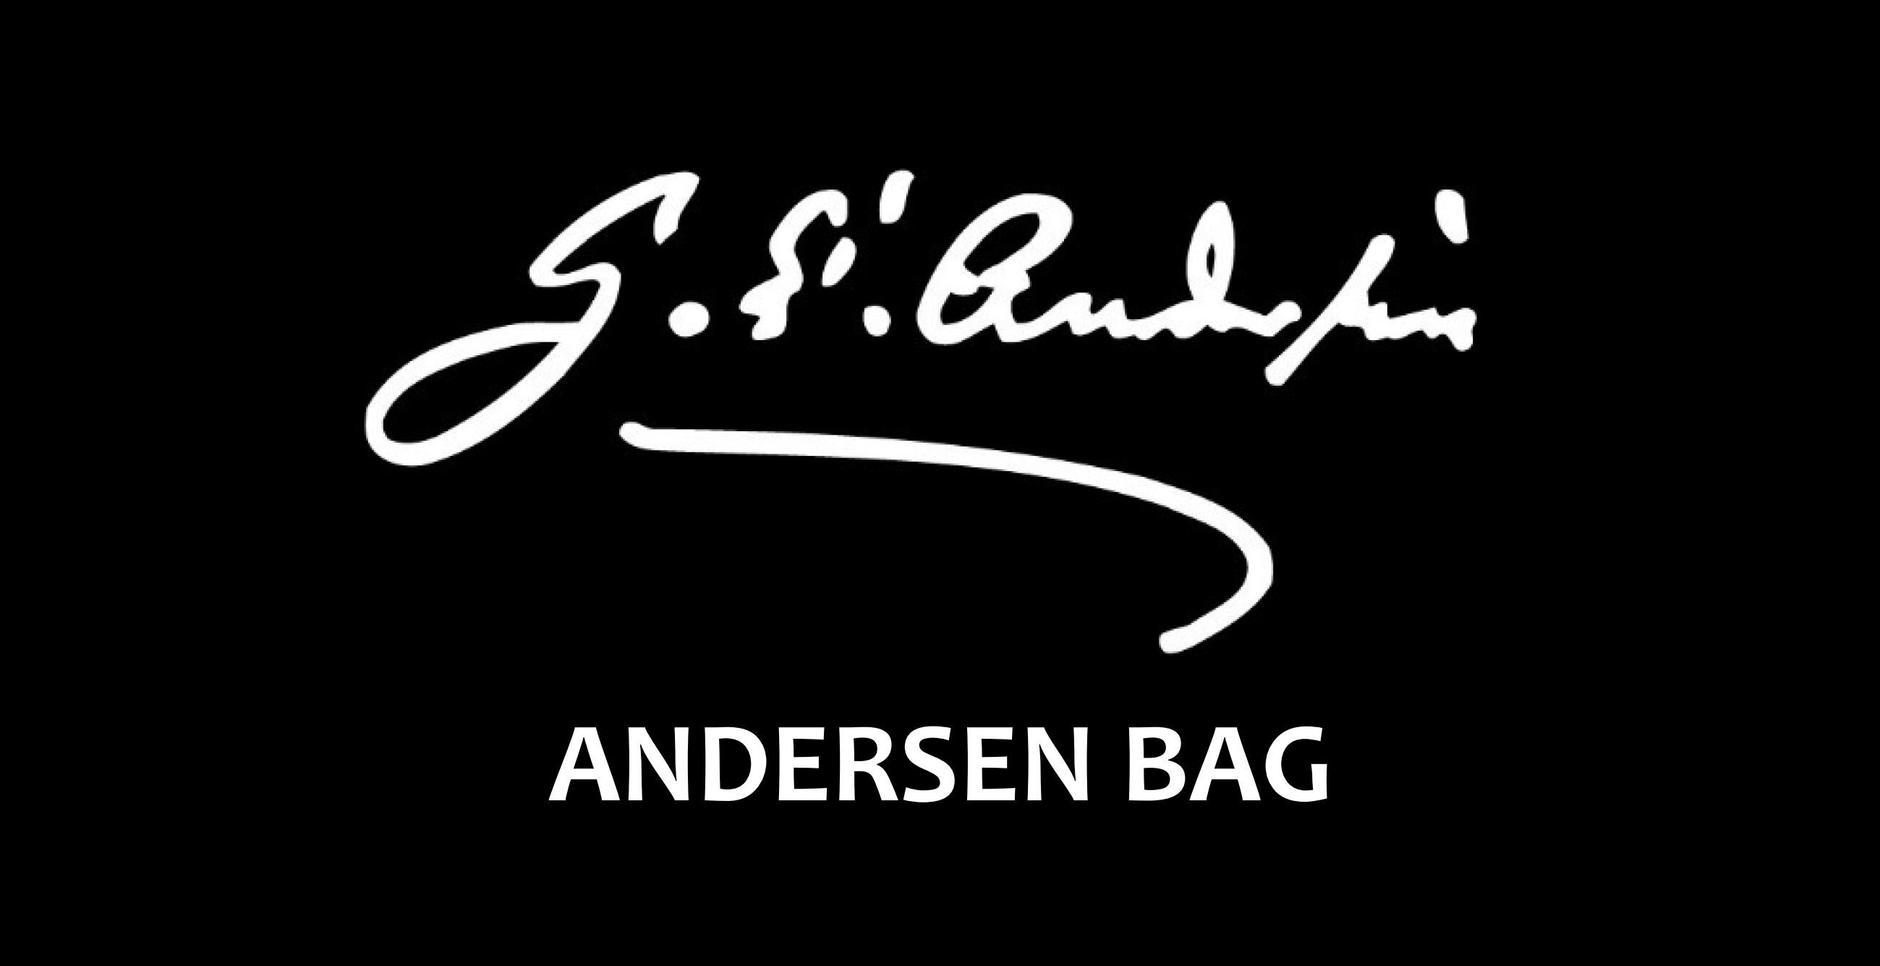 ANDERSEN BAG(アンデルセンバッグ・オンラインストア)